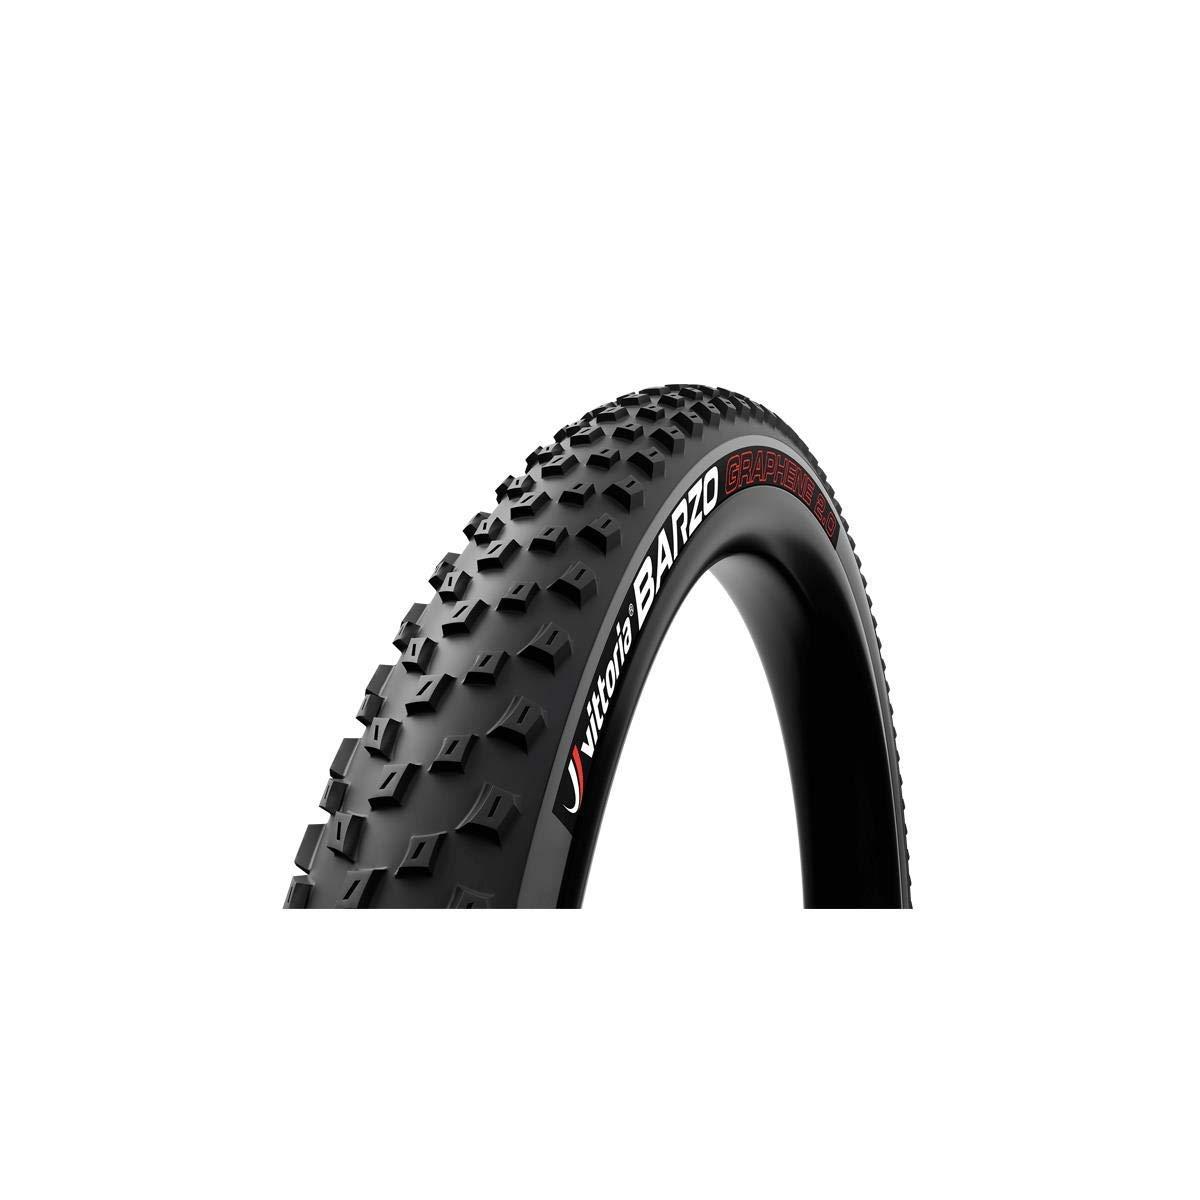 Vittoria Barzo G2.0 XC-Trail/TNT 27.5x2.35 Tire, Anthracite